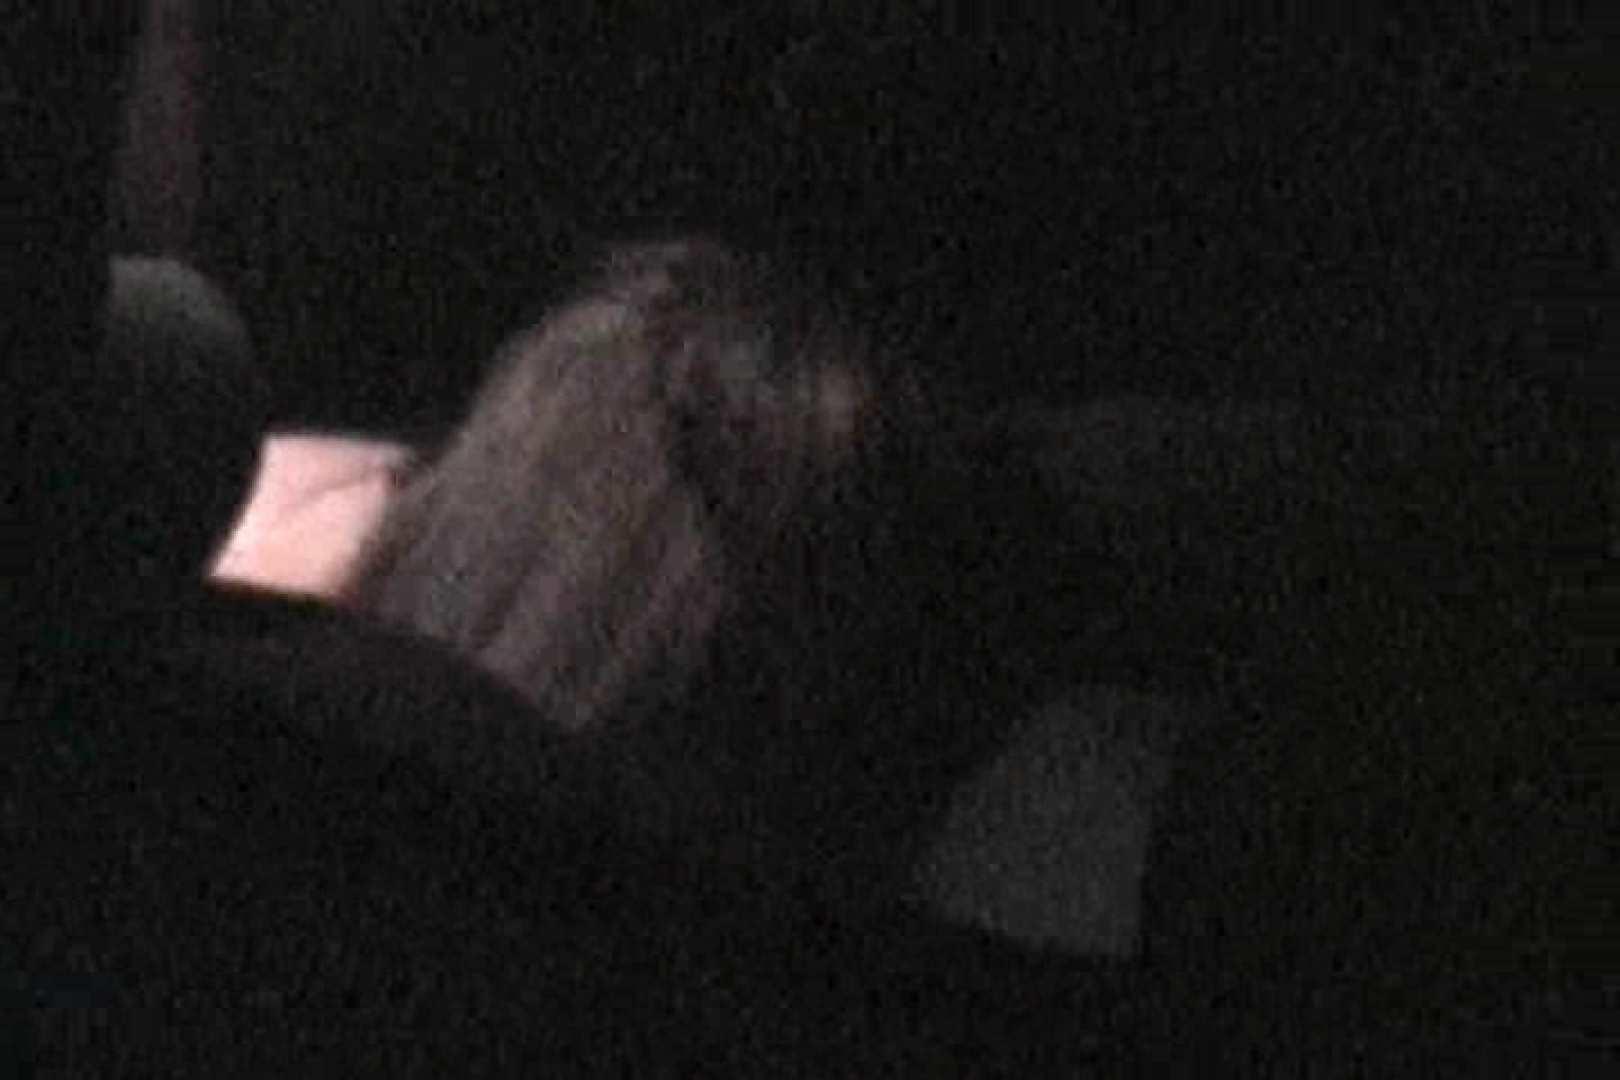 充血監督の深夜の運動会Vol.8 チクビ オマンコ無修正動画無料 106画像 4